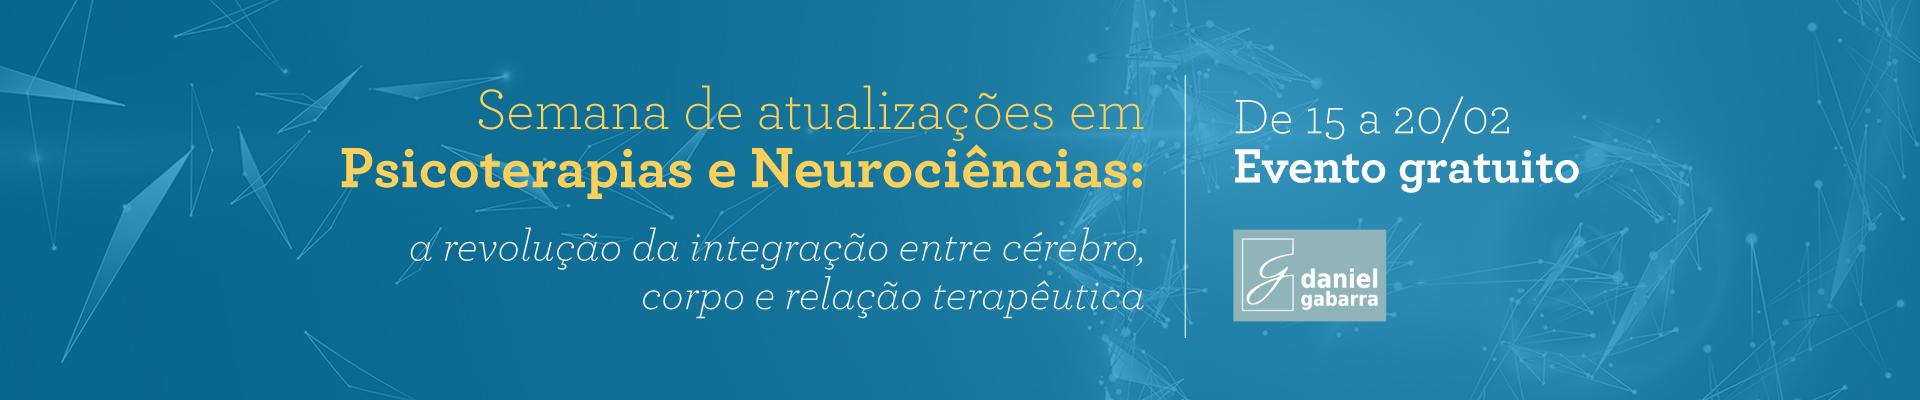 Semana de Atualizações em: Psicoterapias e Neurociências